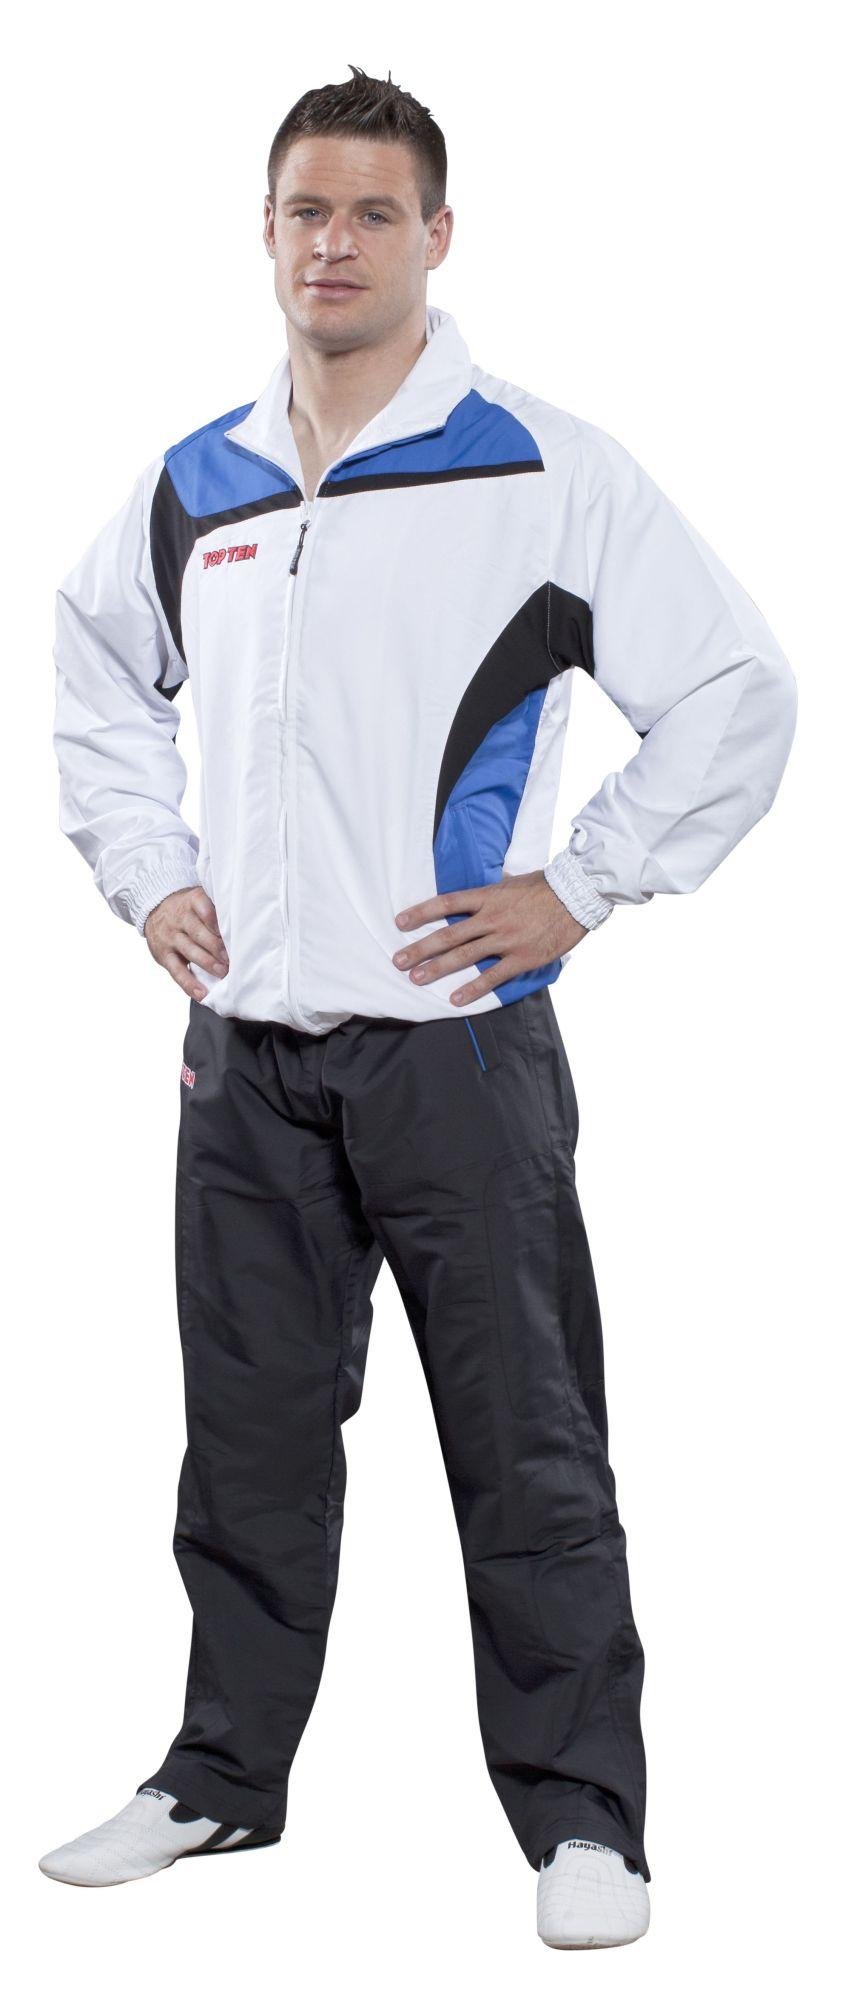 """TOP TEN Trainingspak """"Premium Class"""" met zwarte broek Wit - Blauw"""